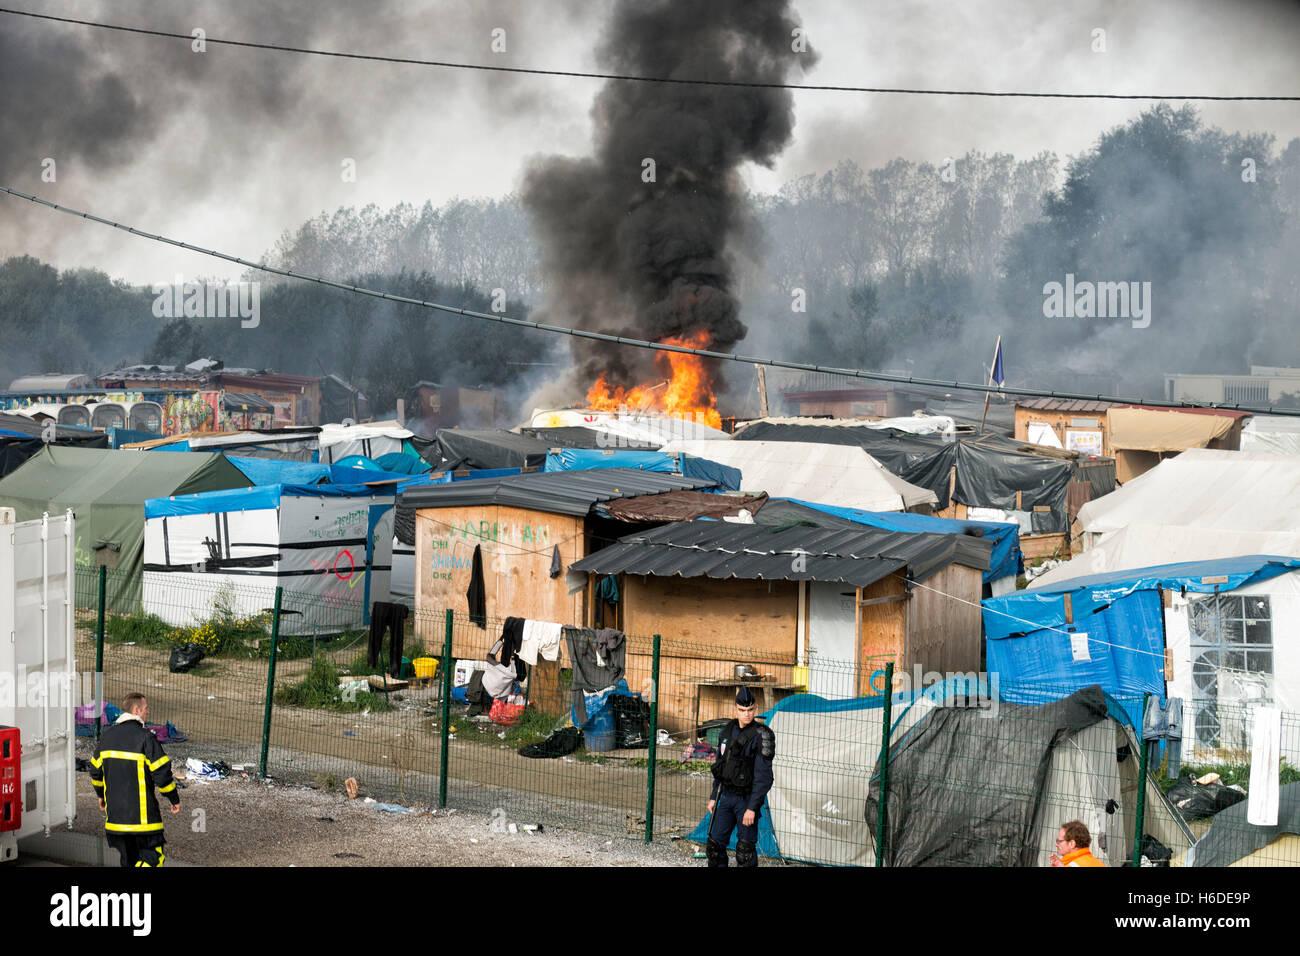 Des scènes chaotiques dans la jungle de Calais après des dizaines d'incendies ont été ouvrant Photo Stock